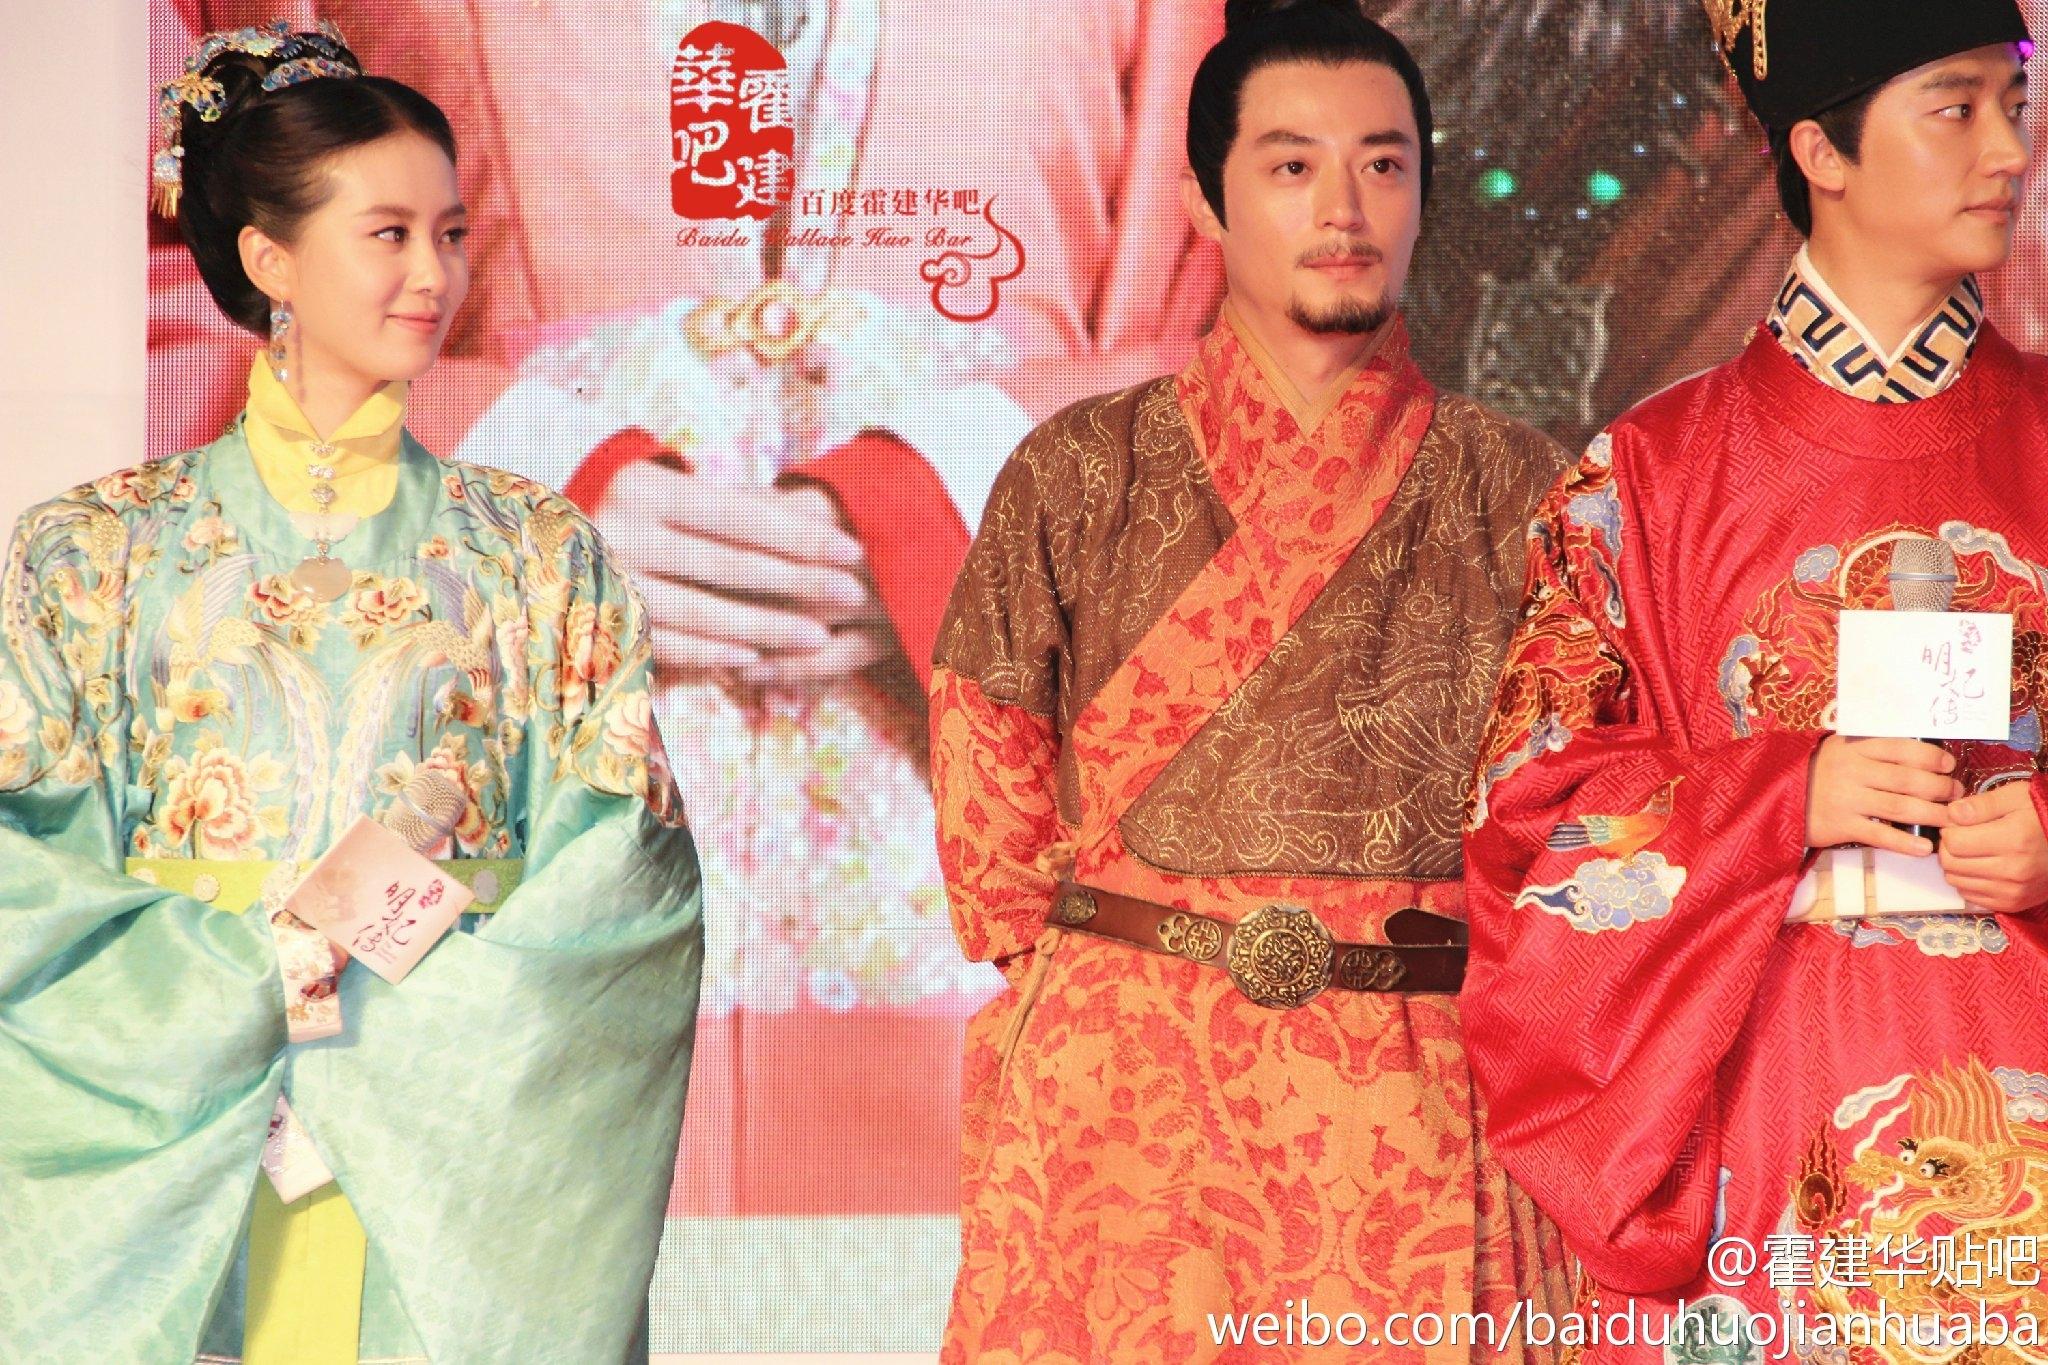 Lưu Thi Thi - Hoắc Kiến Hoa - Hoàng Hiên